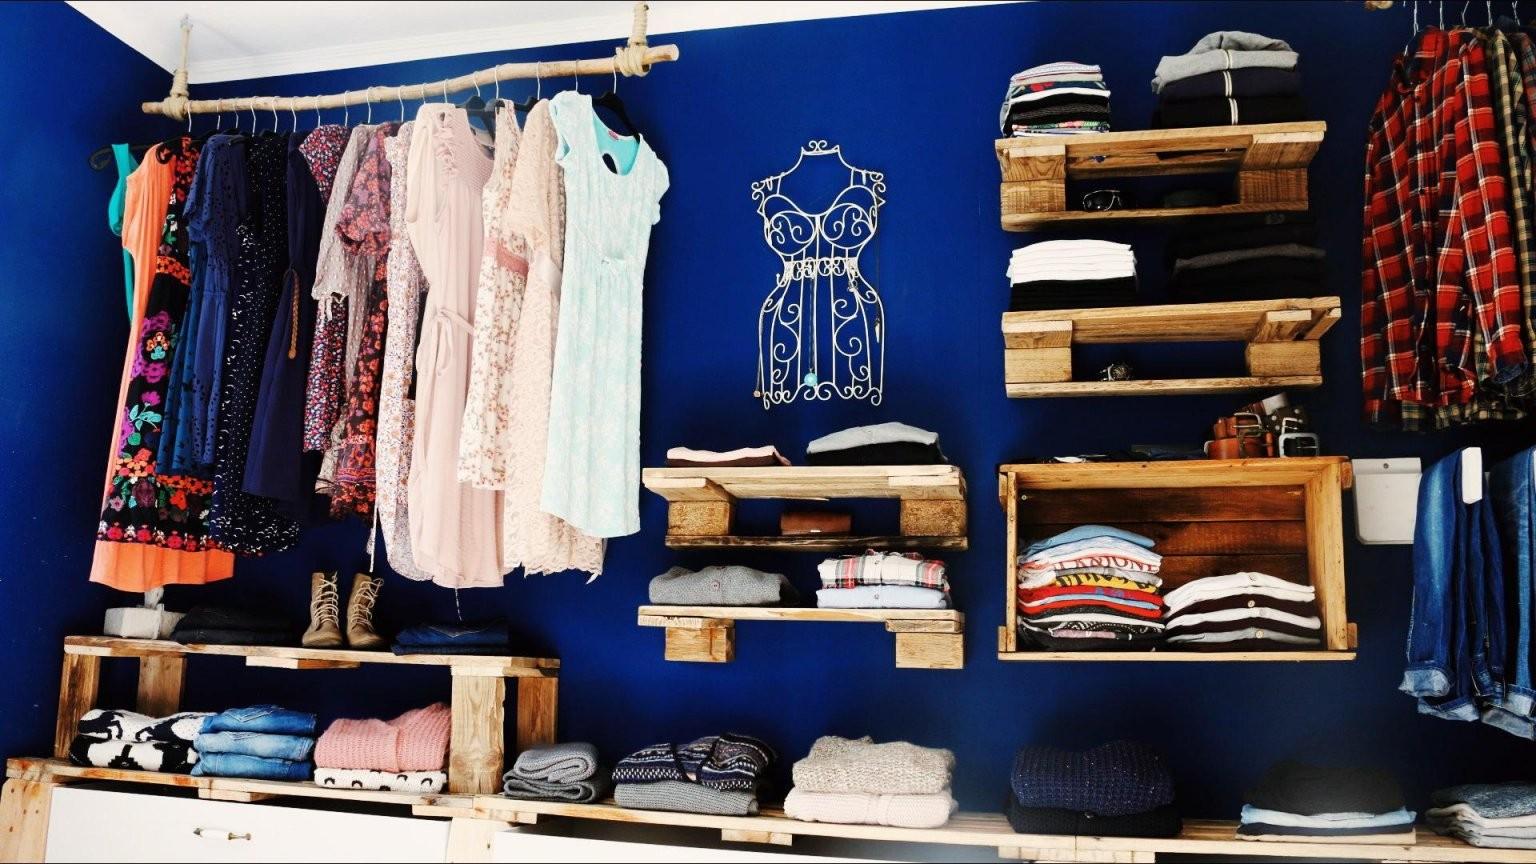 ᐅ Schrank Aus Paletten  Begehbarer Kleiderschrank Aus Paletten von Regalsystem Kleiderschrank Selber Bauen Bild